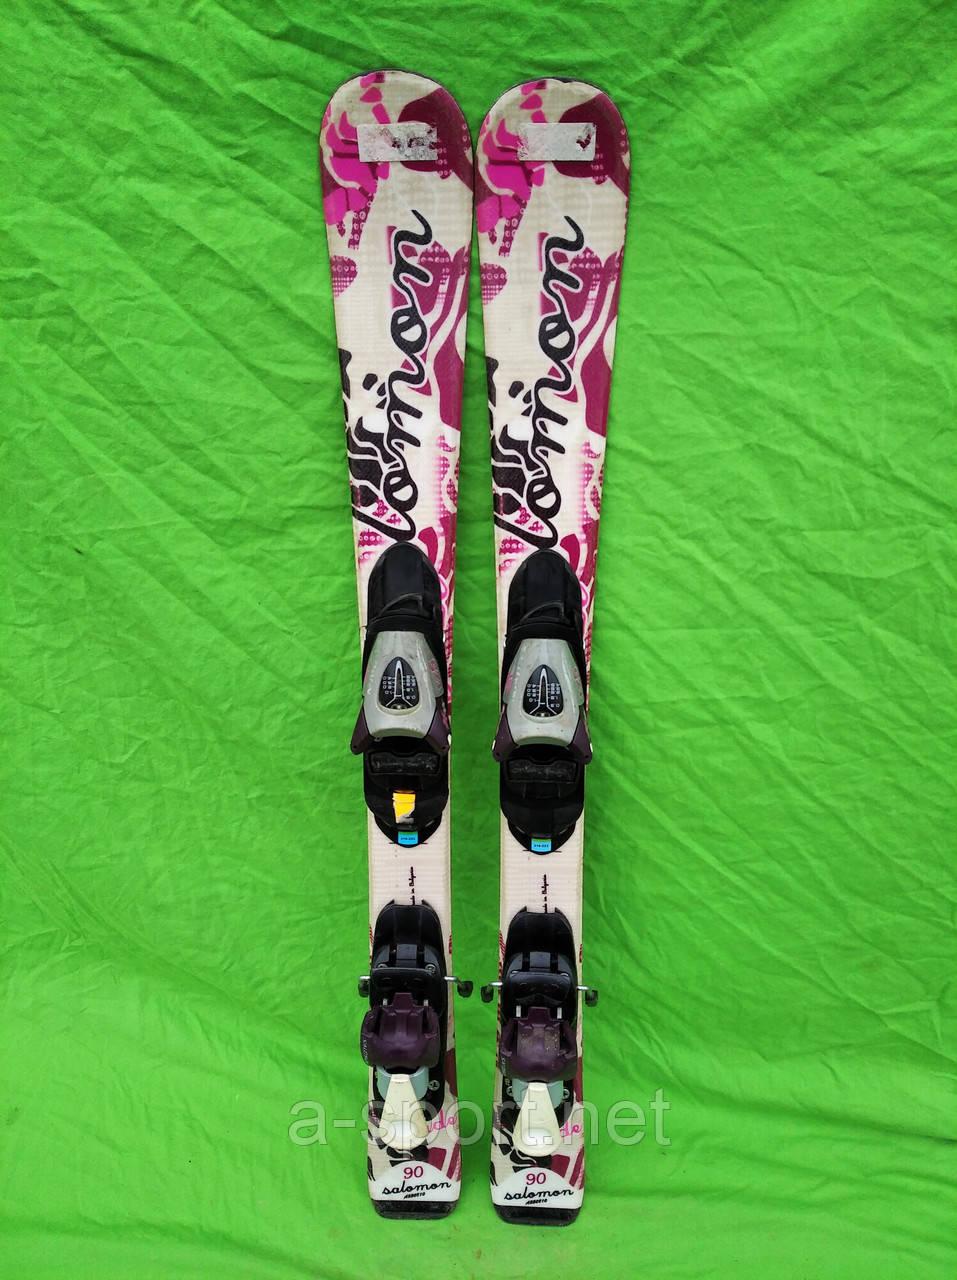 Гірські лижі бу Salomon 90 см для карвінгу